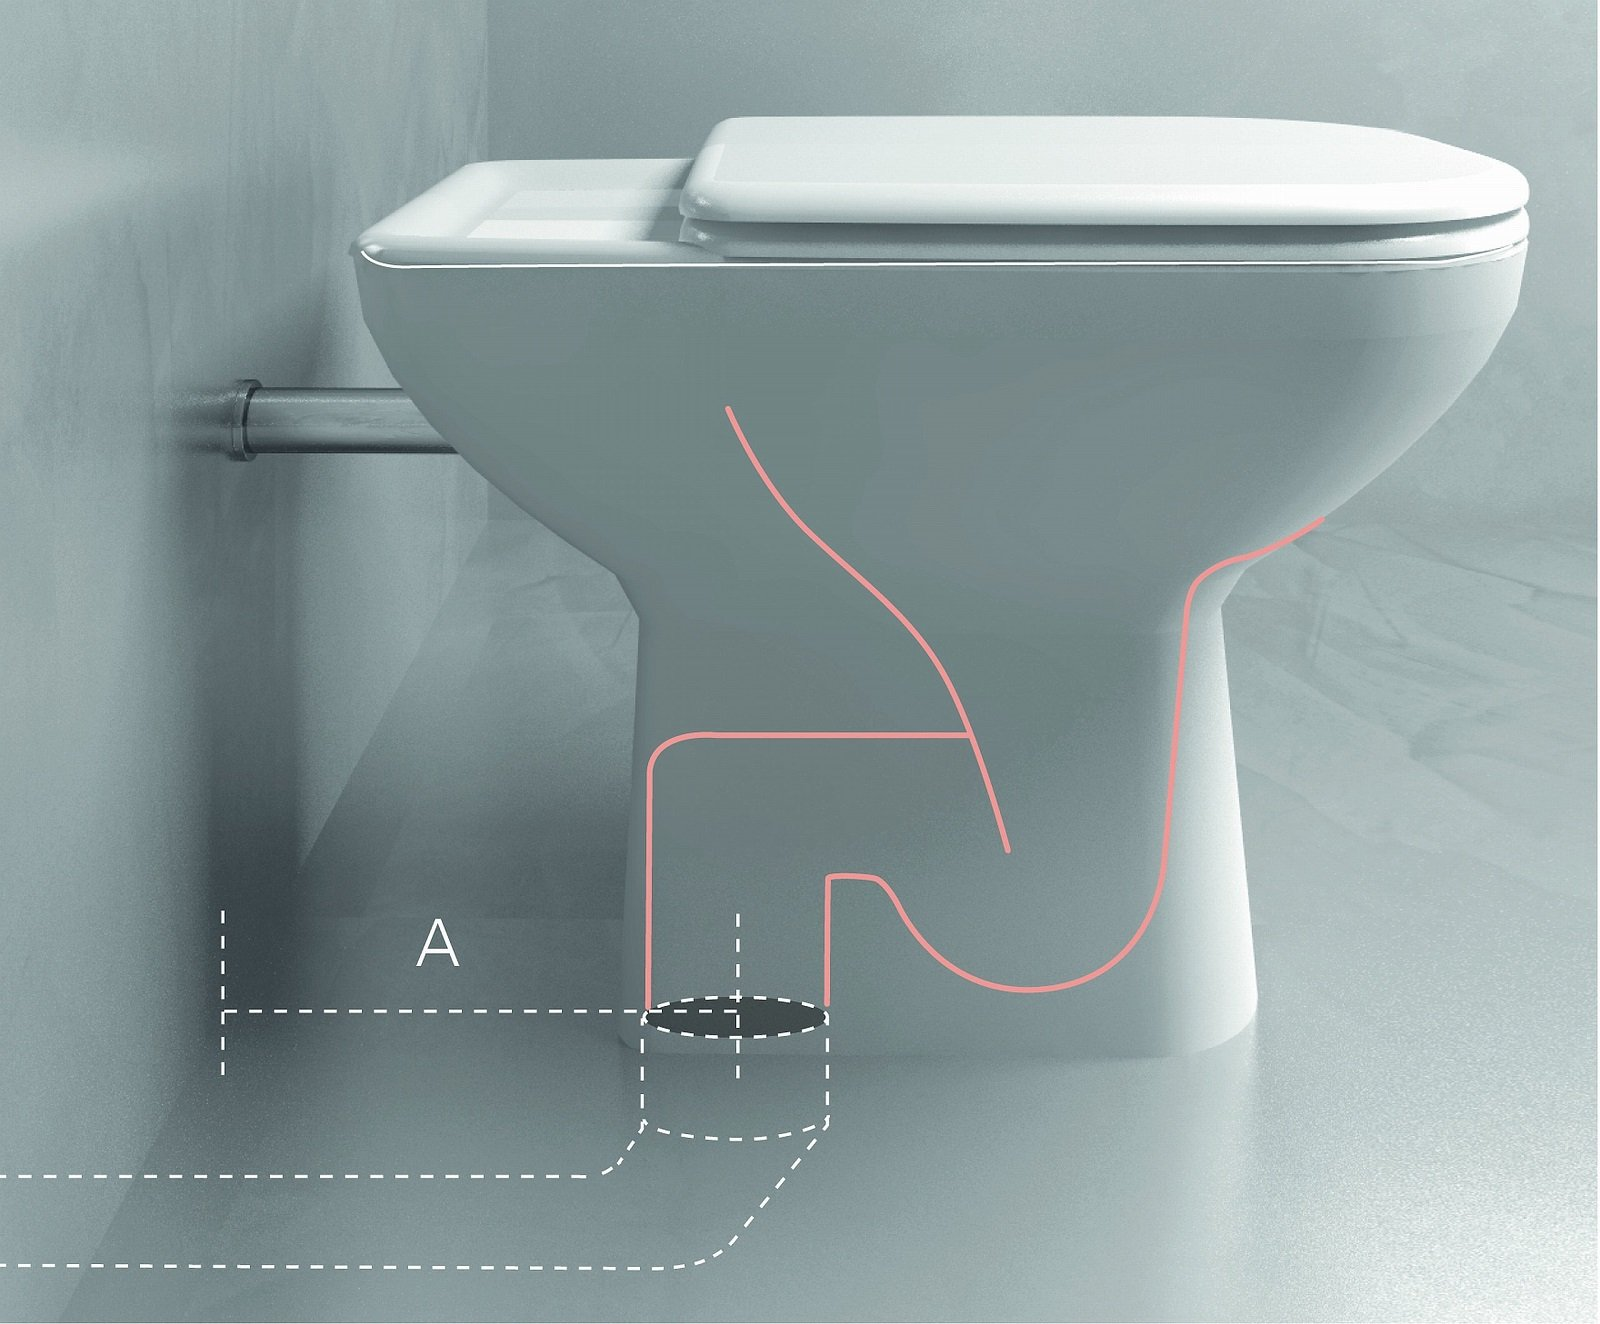 Bagno In Camera Senza Scarico : Ristrutturare il bagno sostituzione dei sanitari più facile con